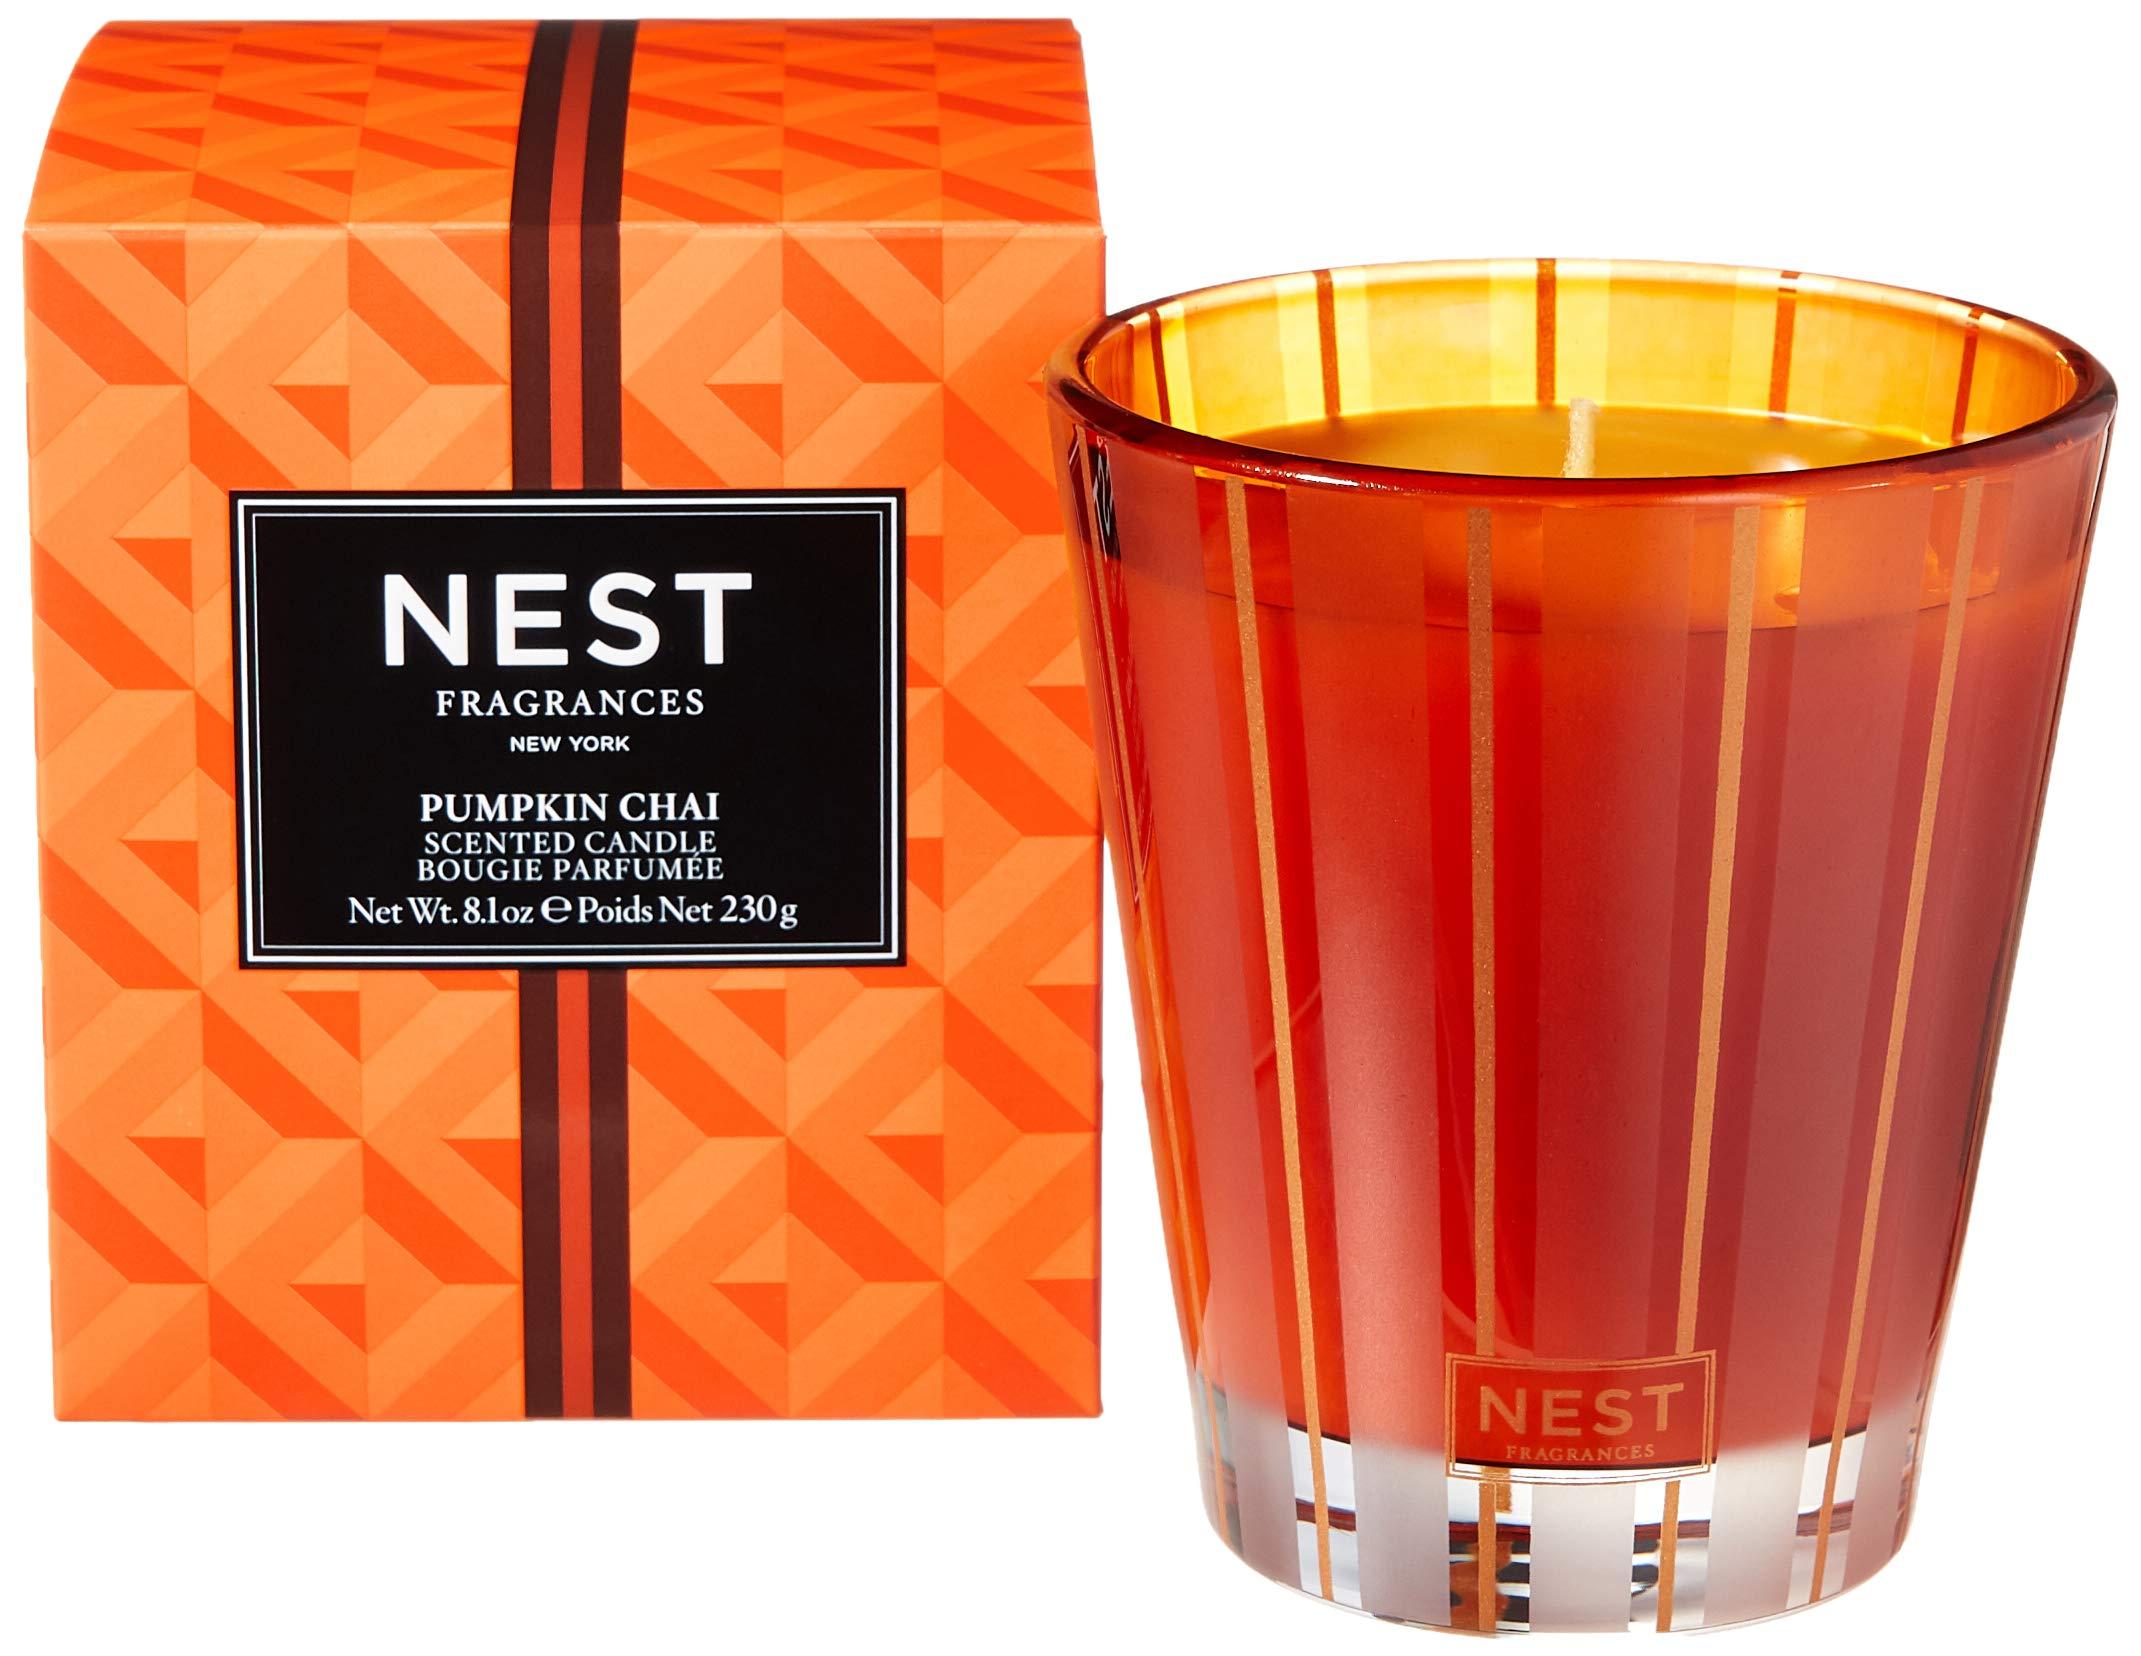 NEST Fragrances Classic Candle- Pumpkin Chai , 8.1 oz - NEST01PC002 by NEST Fragrances